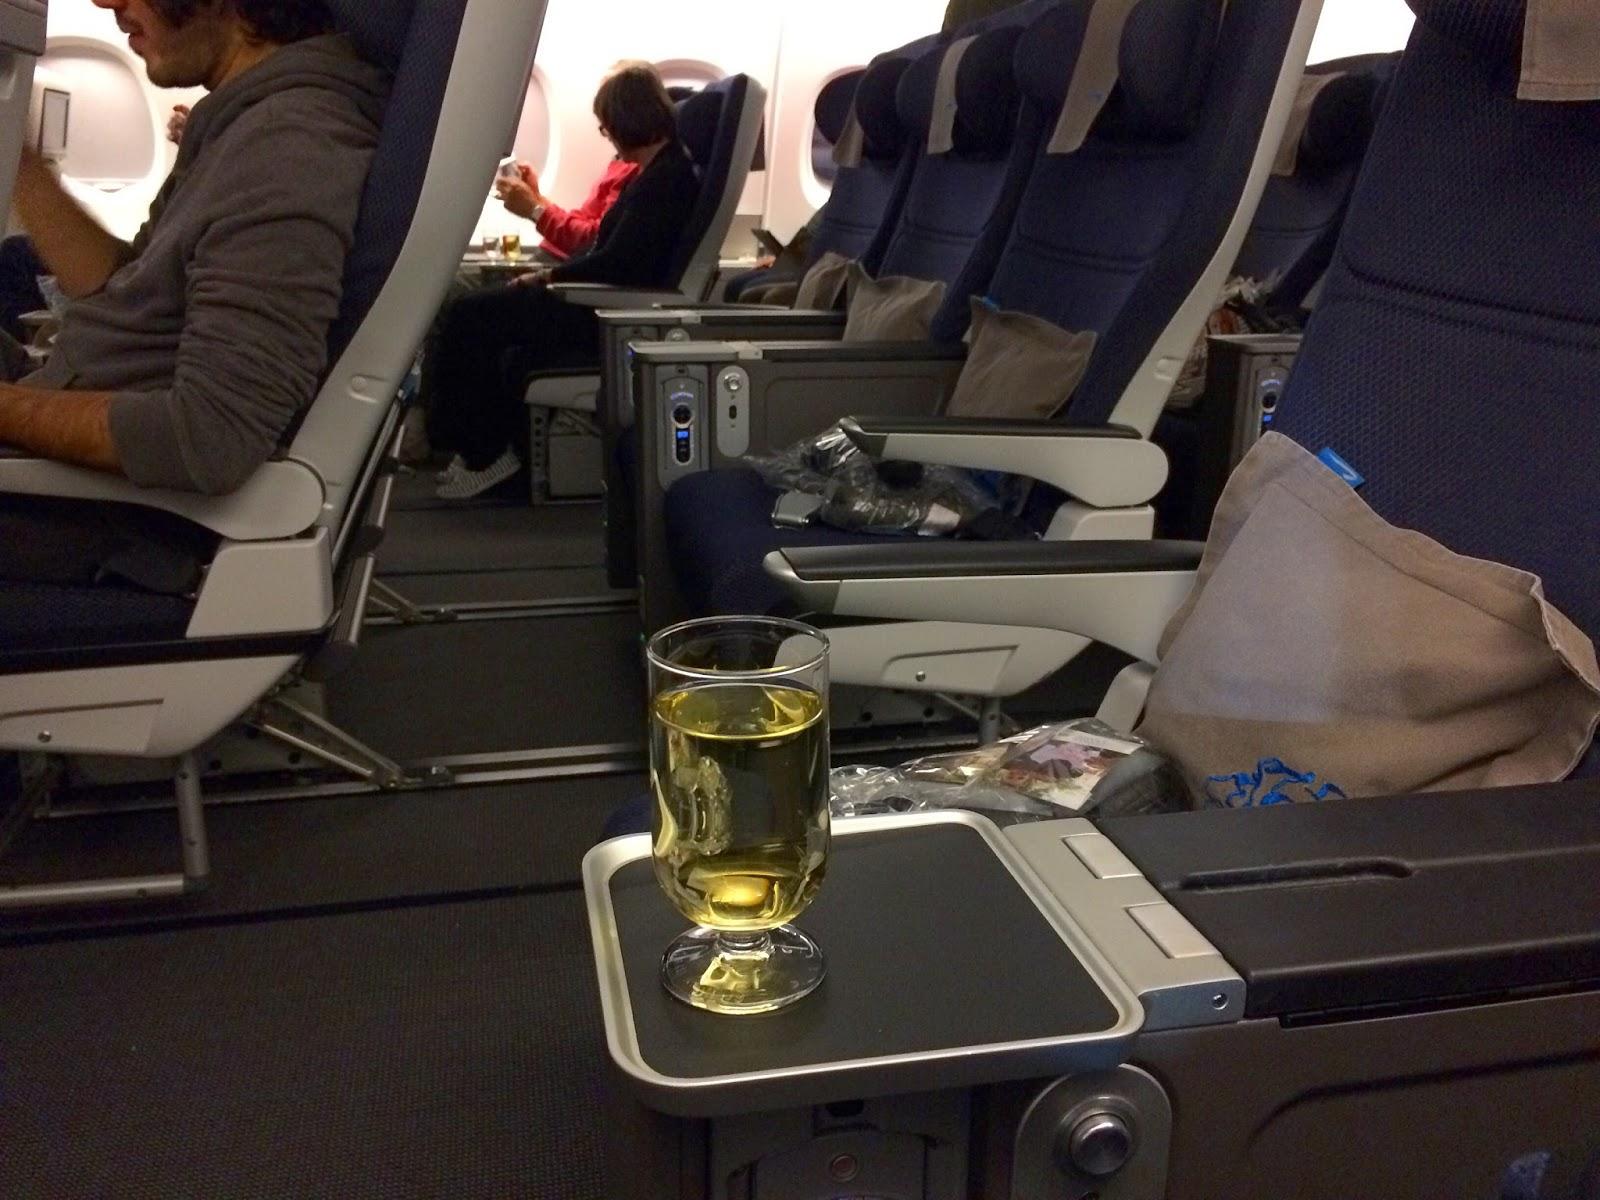 British Airways World Traveller Plus Premium Economy